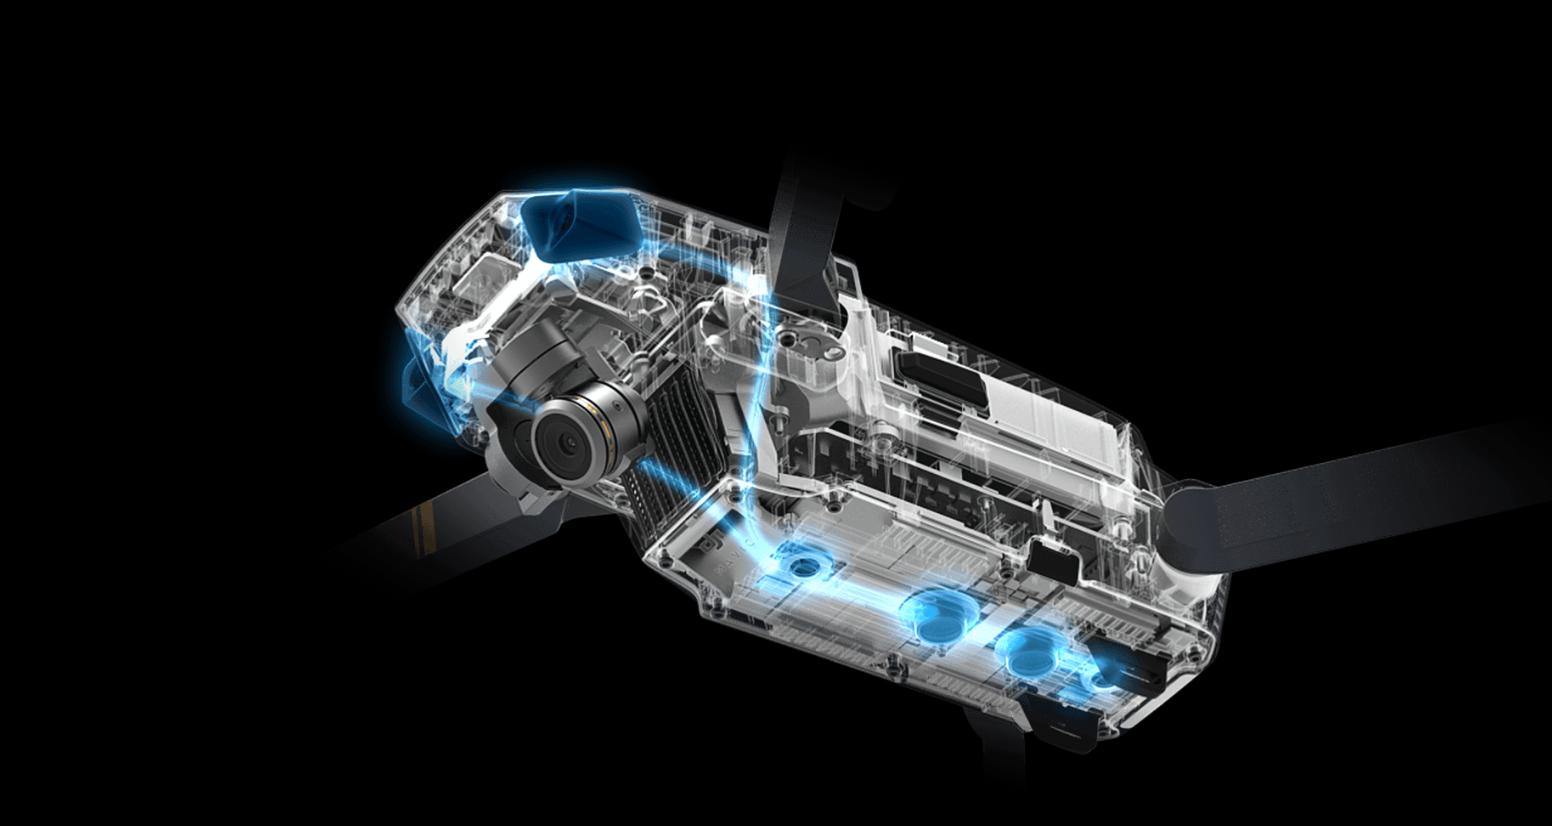 Dronen kommer med alskens moderne teknologier, deriblant DJIs nye hindringsdeteksjon.